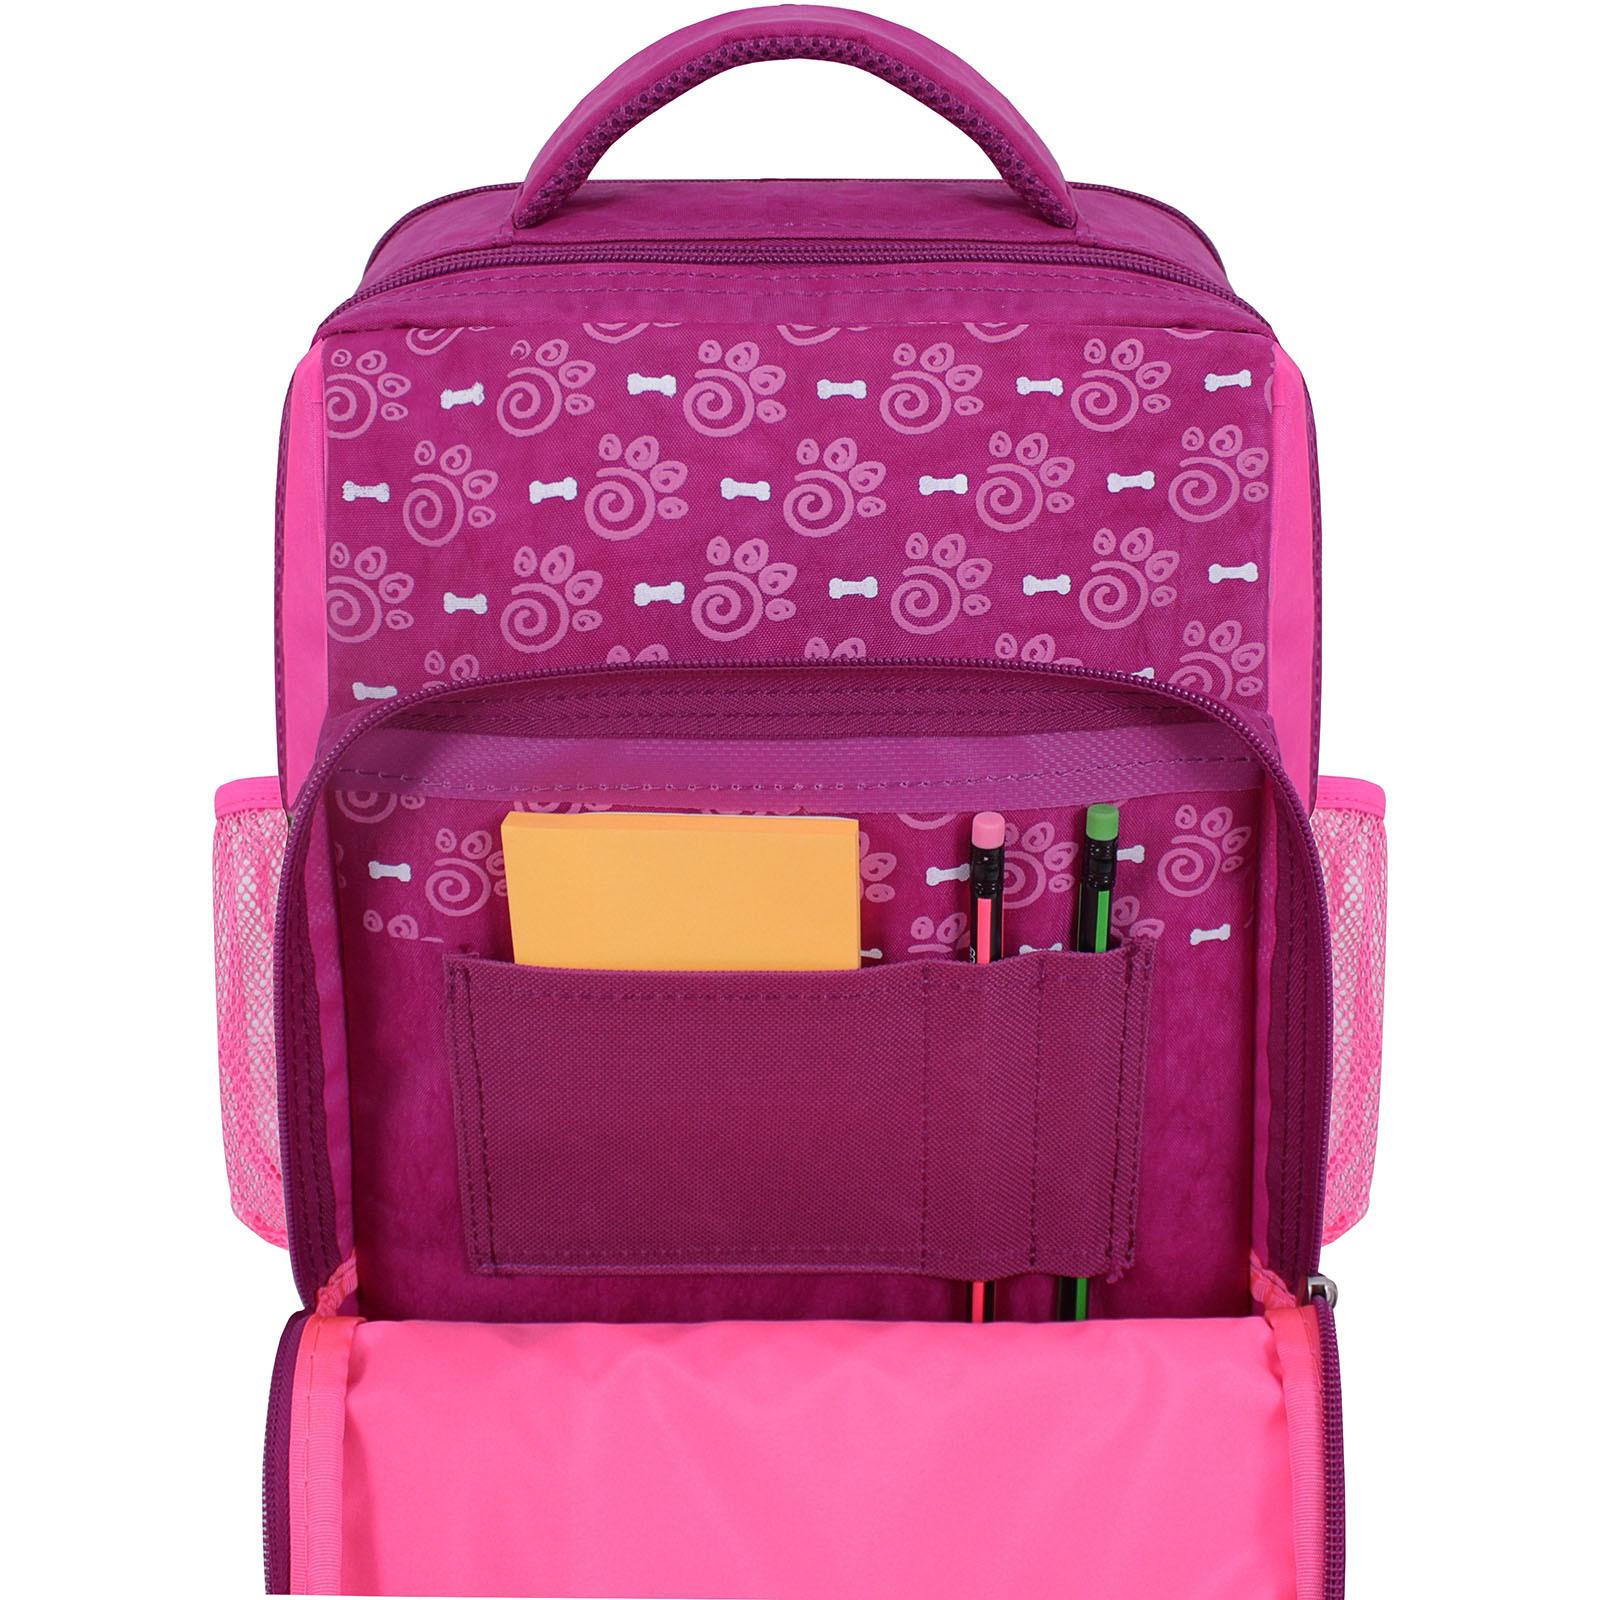 Рюкзак школьный Bagland Школьник 8 л. 143 малиновый 561 (0012870) фото 4